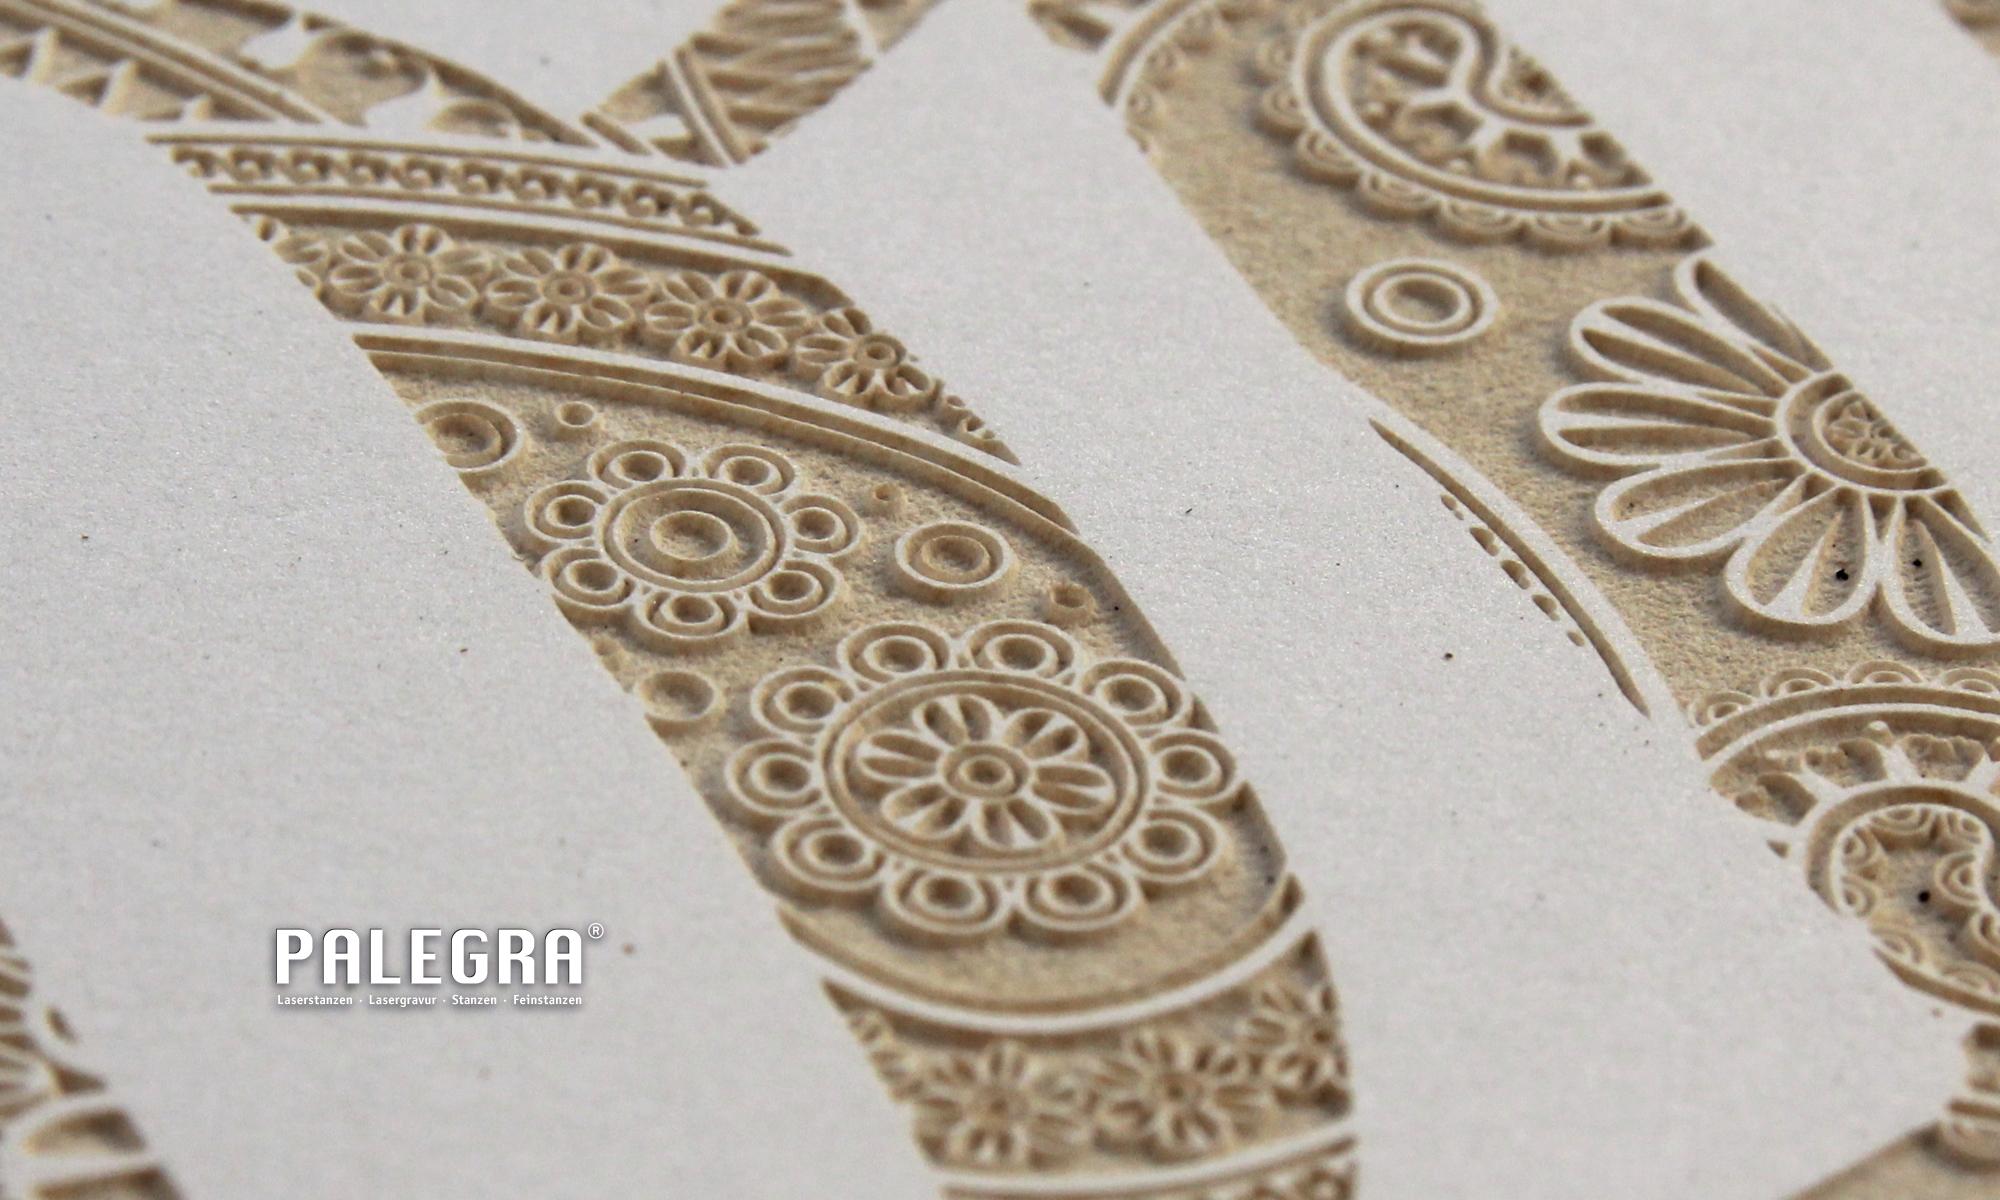 Kalender Lasergravur / Papiergravur. Palegra® veredelt Print.